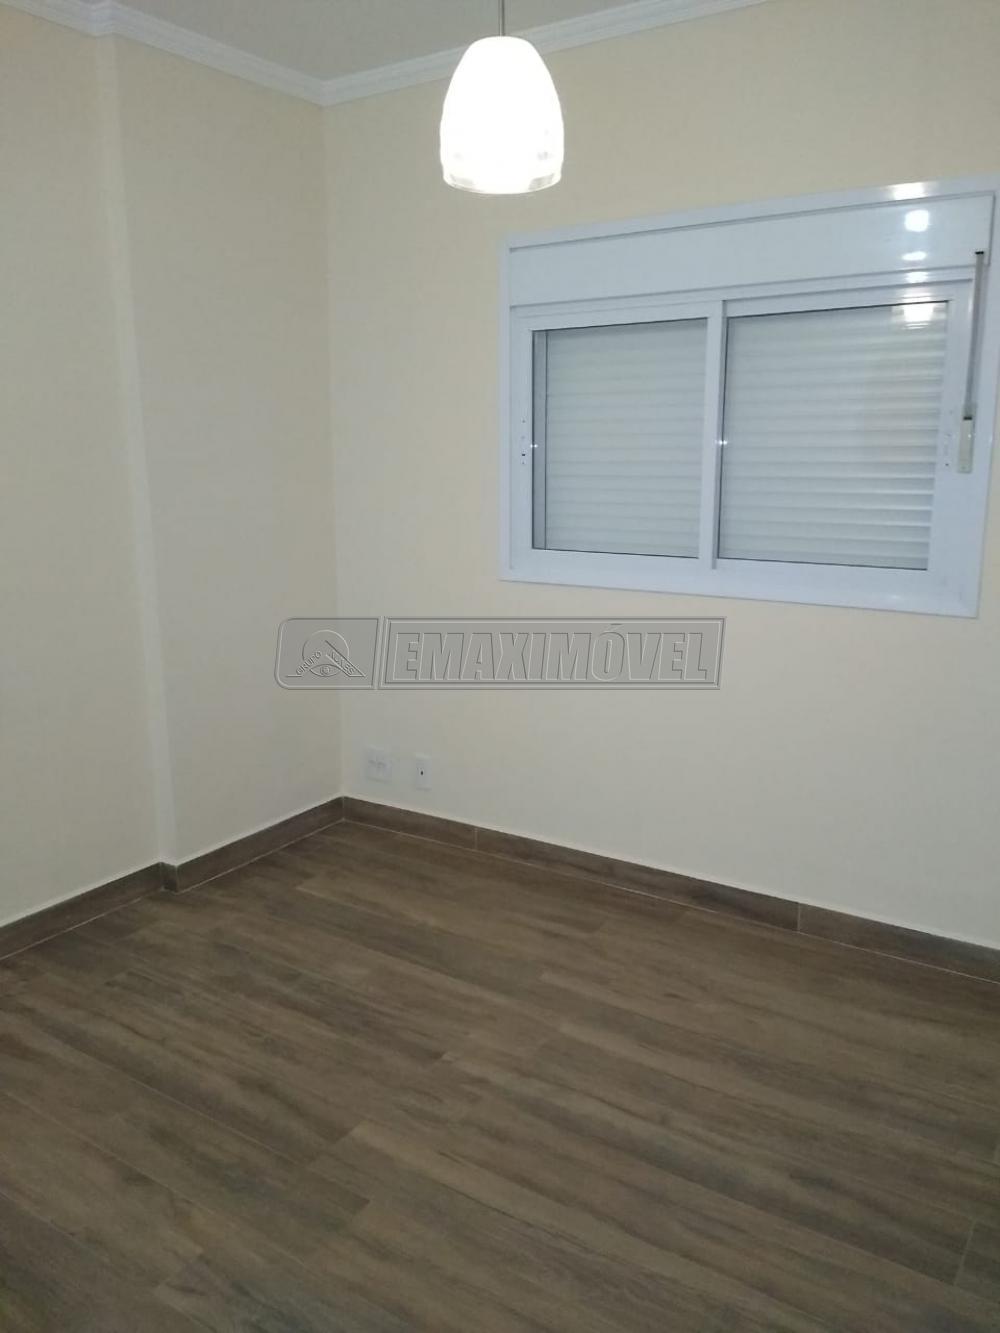 Comprar Apartamentos / Apto Padrão em Sorocaba apenas R$ 490.000,00 - Foto 8